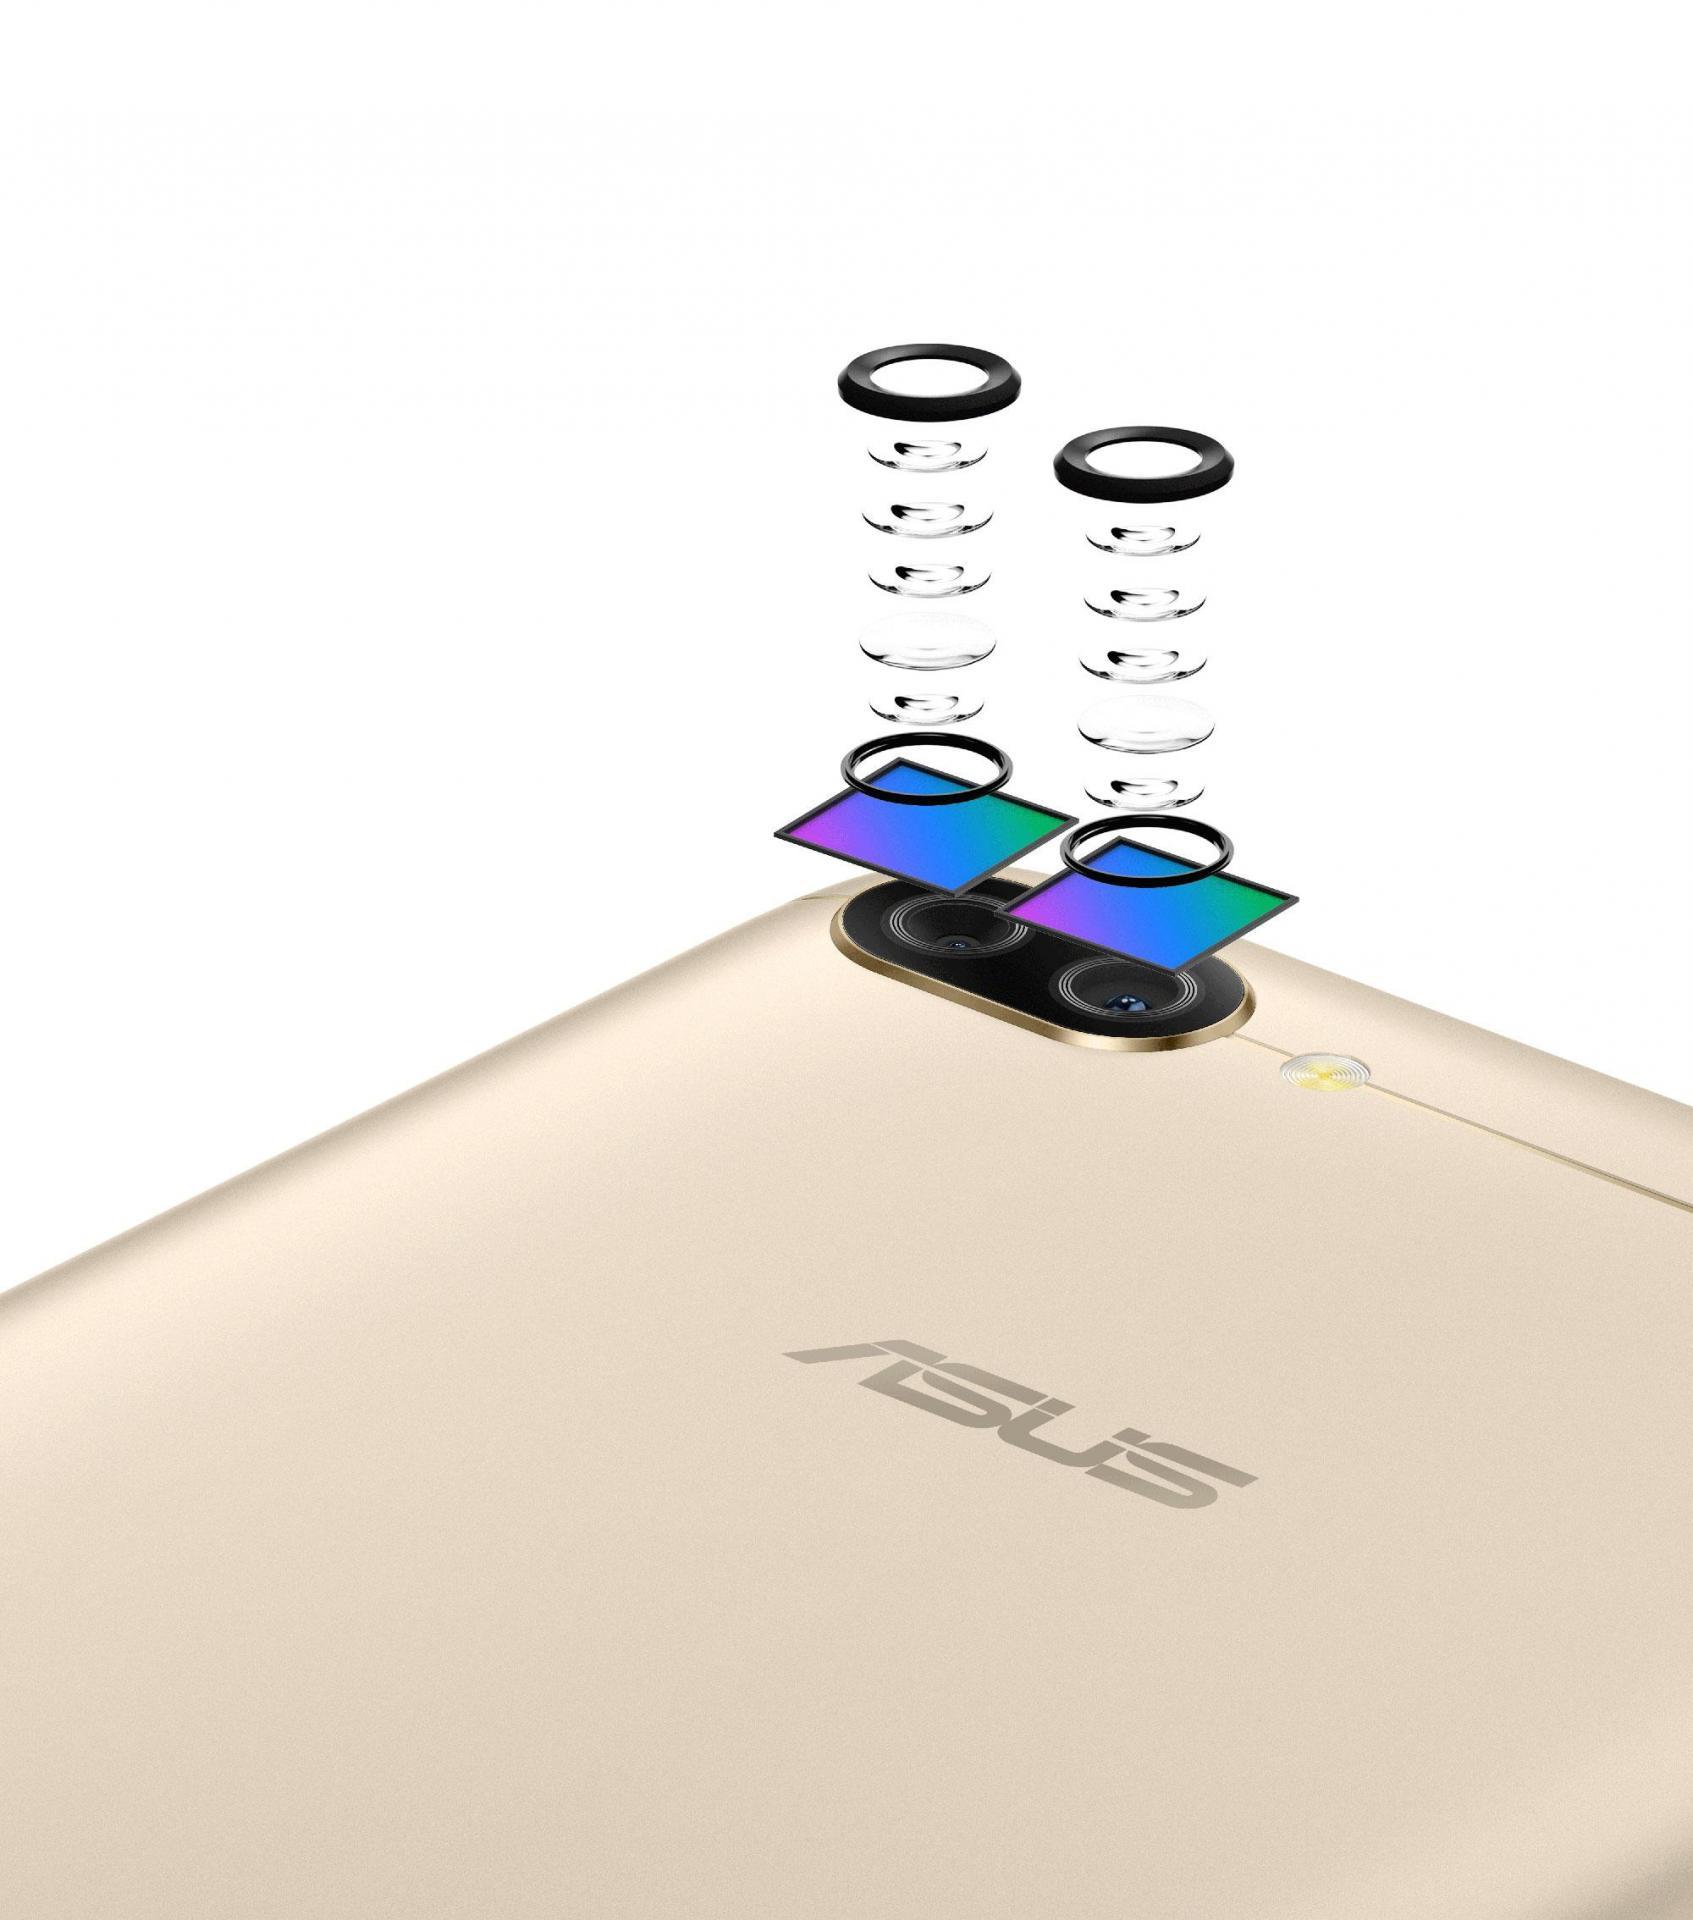 Asus Zenfone 4 Max выходит на сцену: необычная камера и аккумулятор